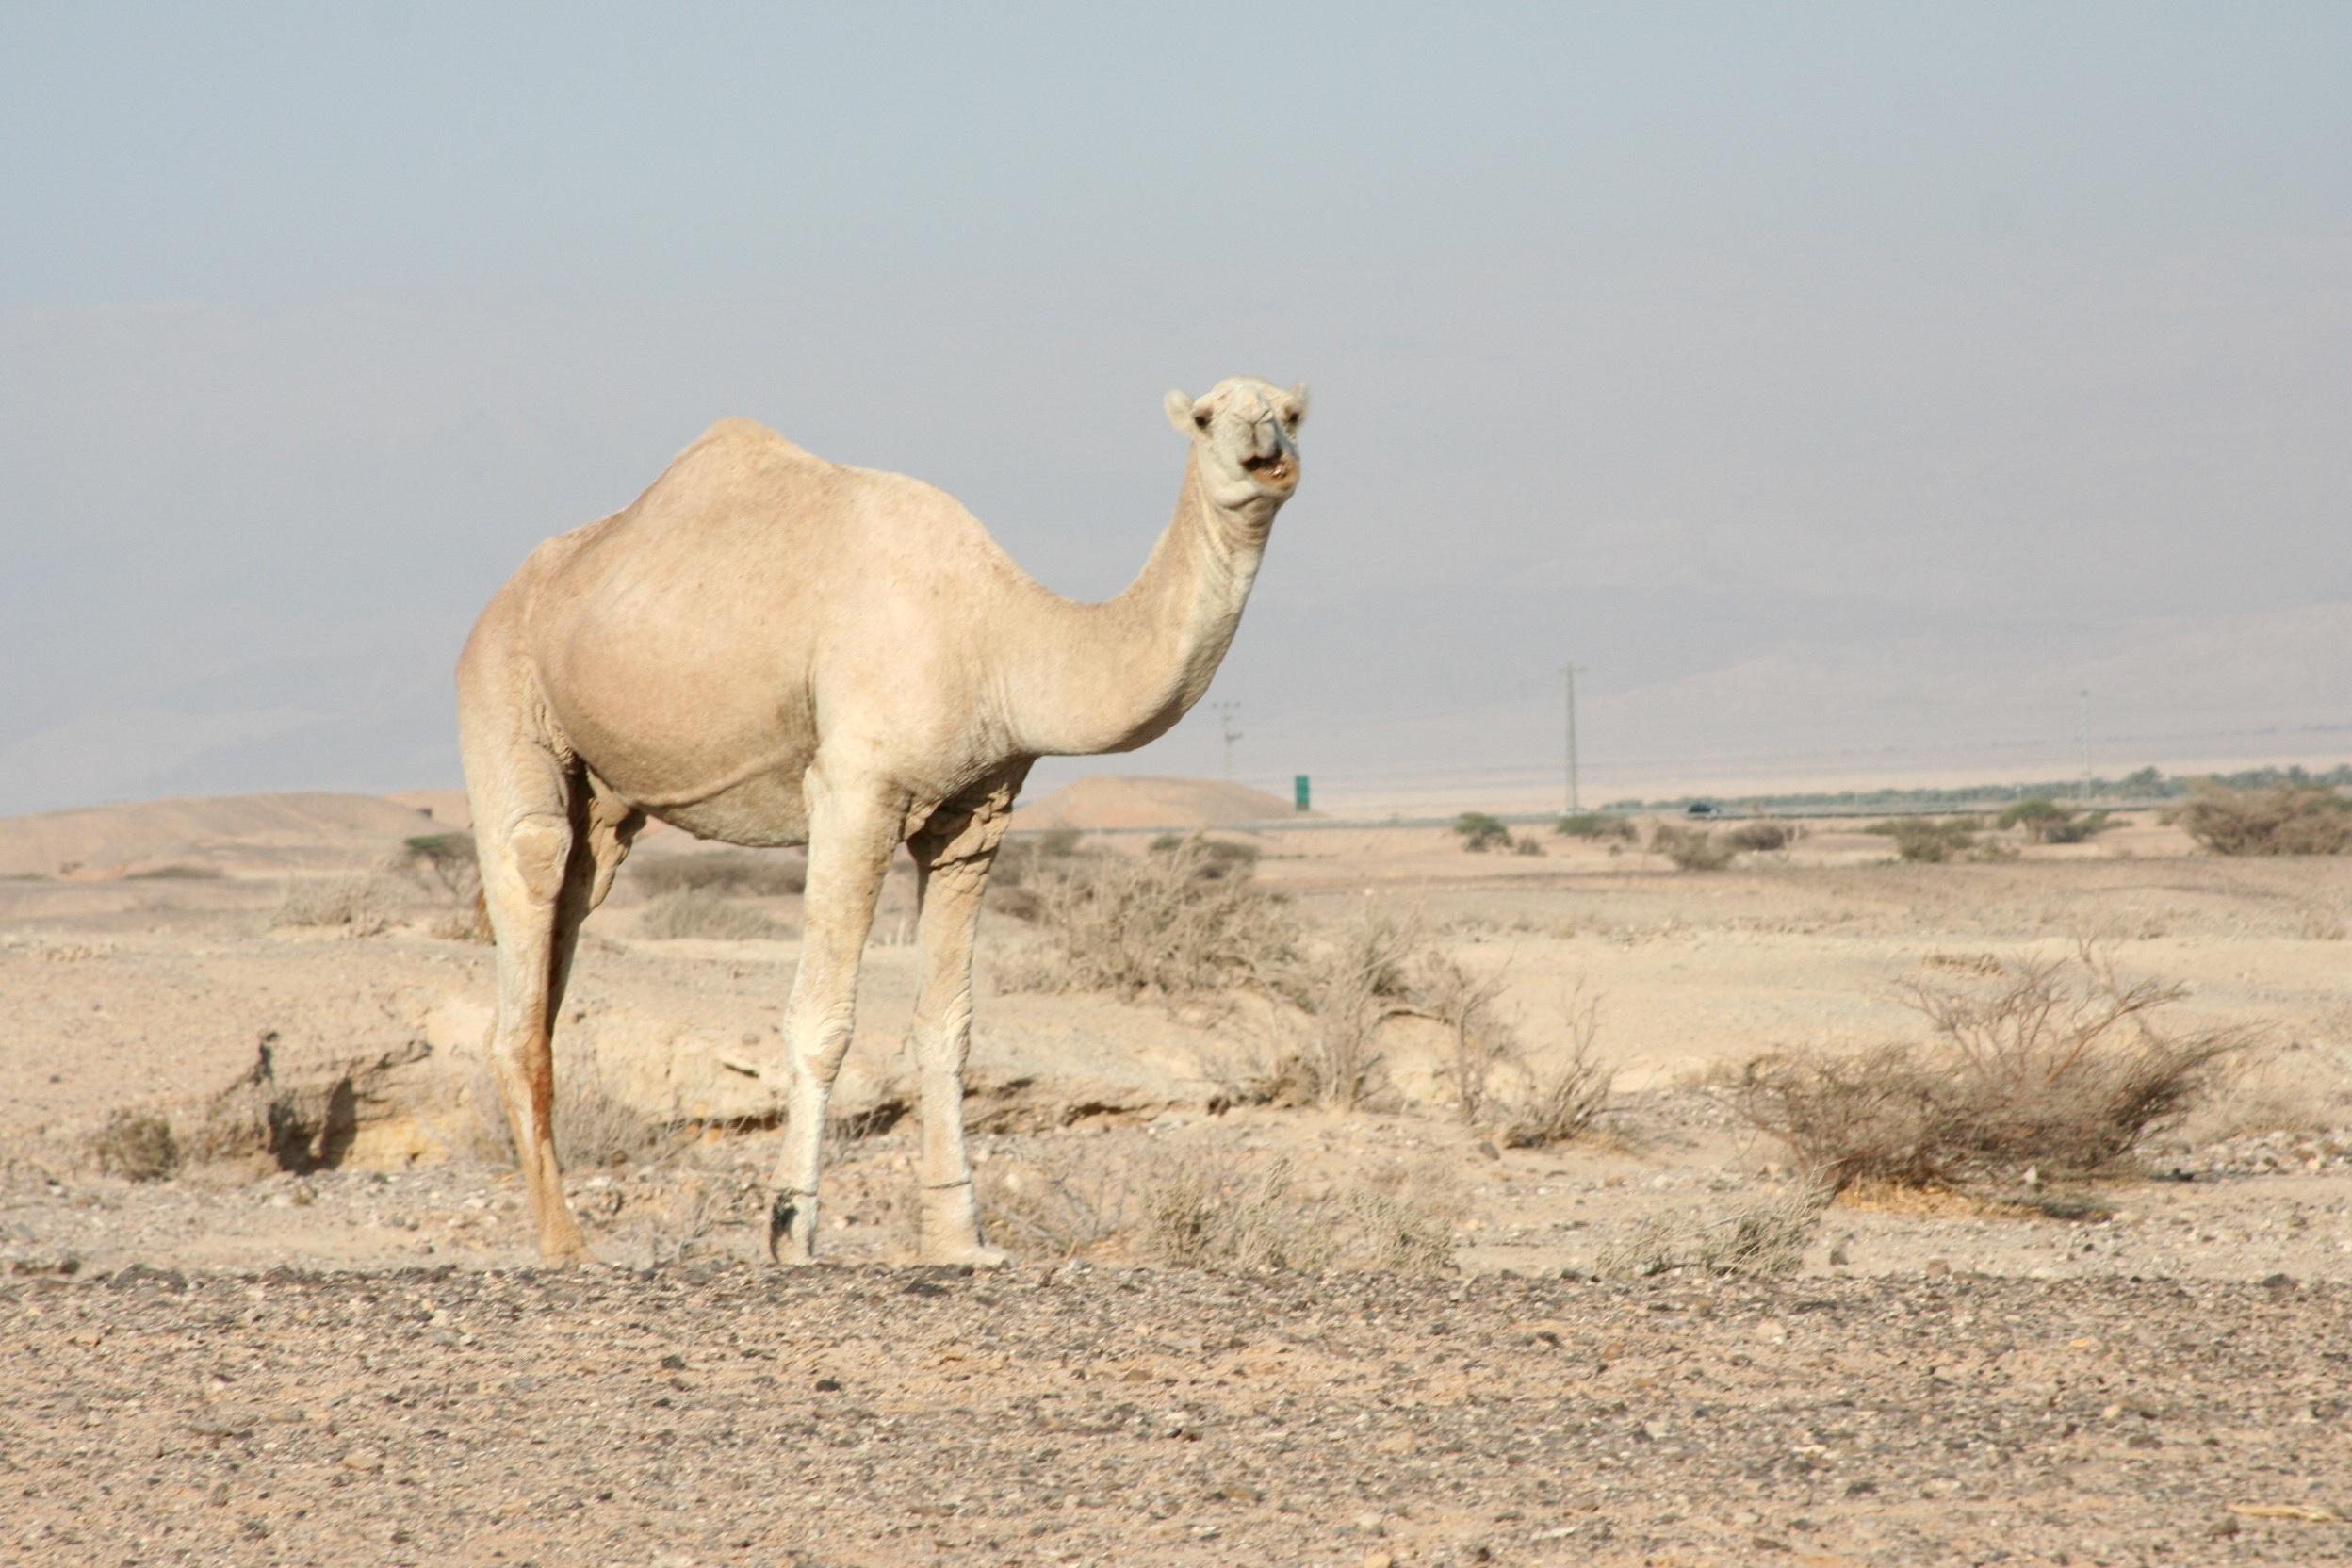 Camel in the desert photo